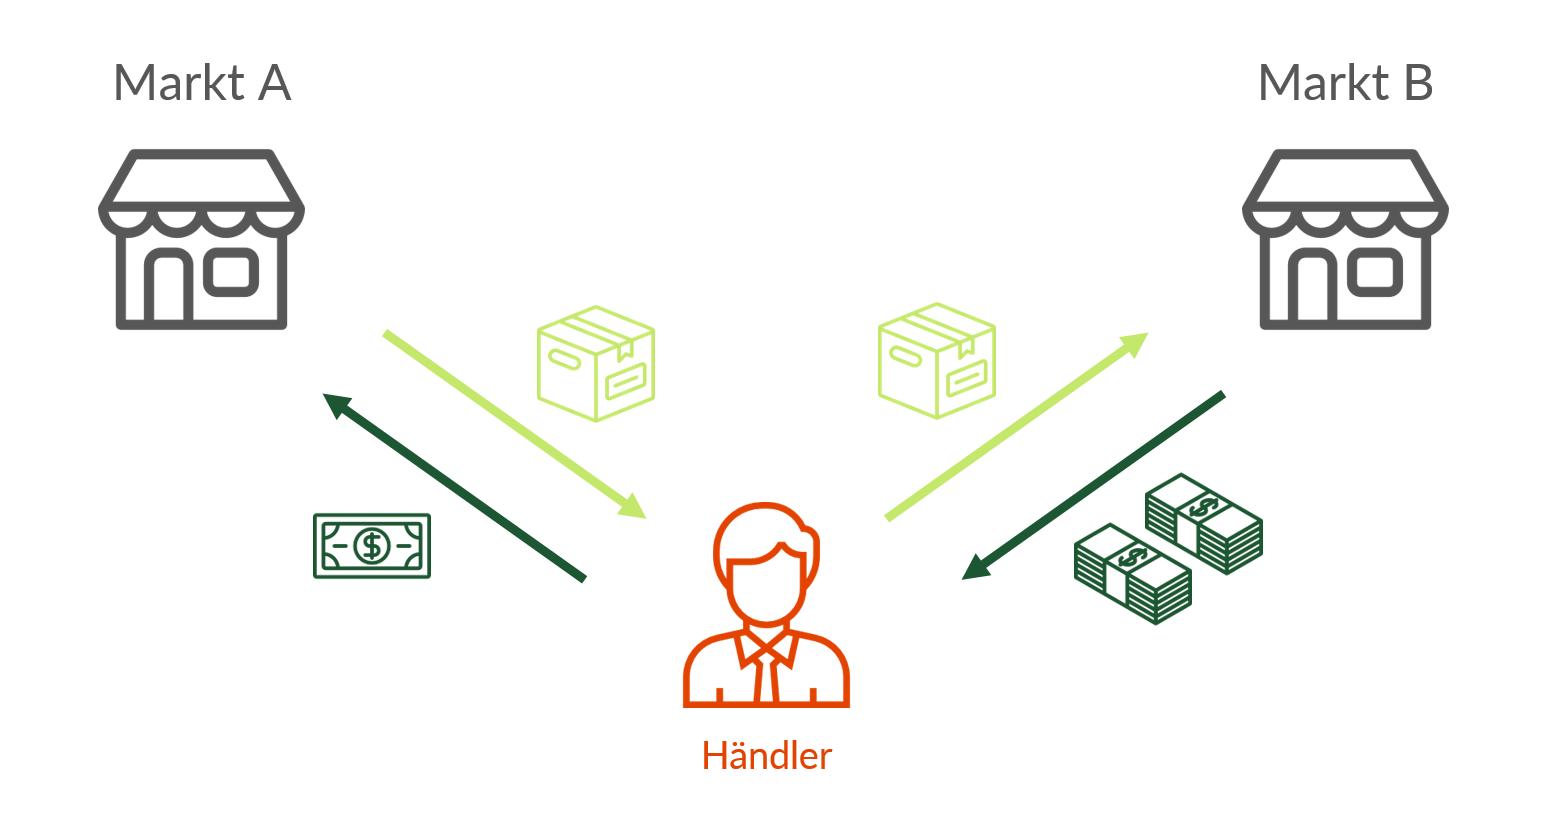 So funktioniert Arbitrage: Der Händler kauft auf Markt A ein Produkt zum günstigen Preis (linke Seite). Gleichzeitig verkauft er das Produkt auf dem Markt B, wo er einen höheren Preis erzielen kann (rechte Seite).